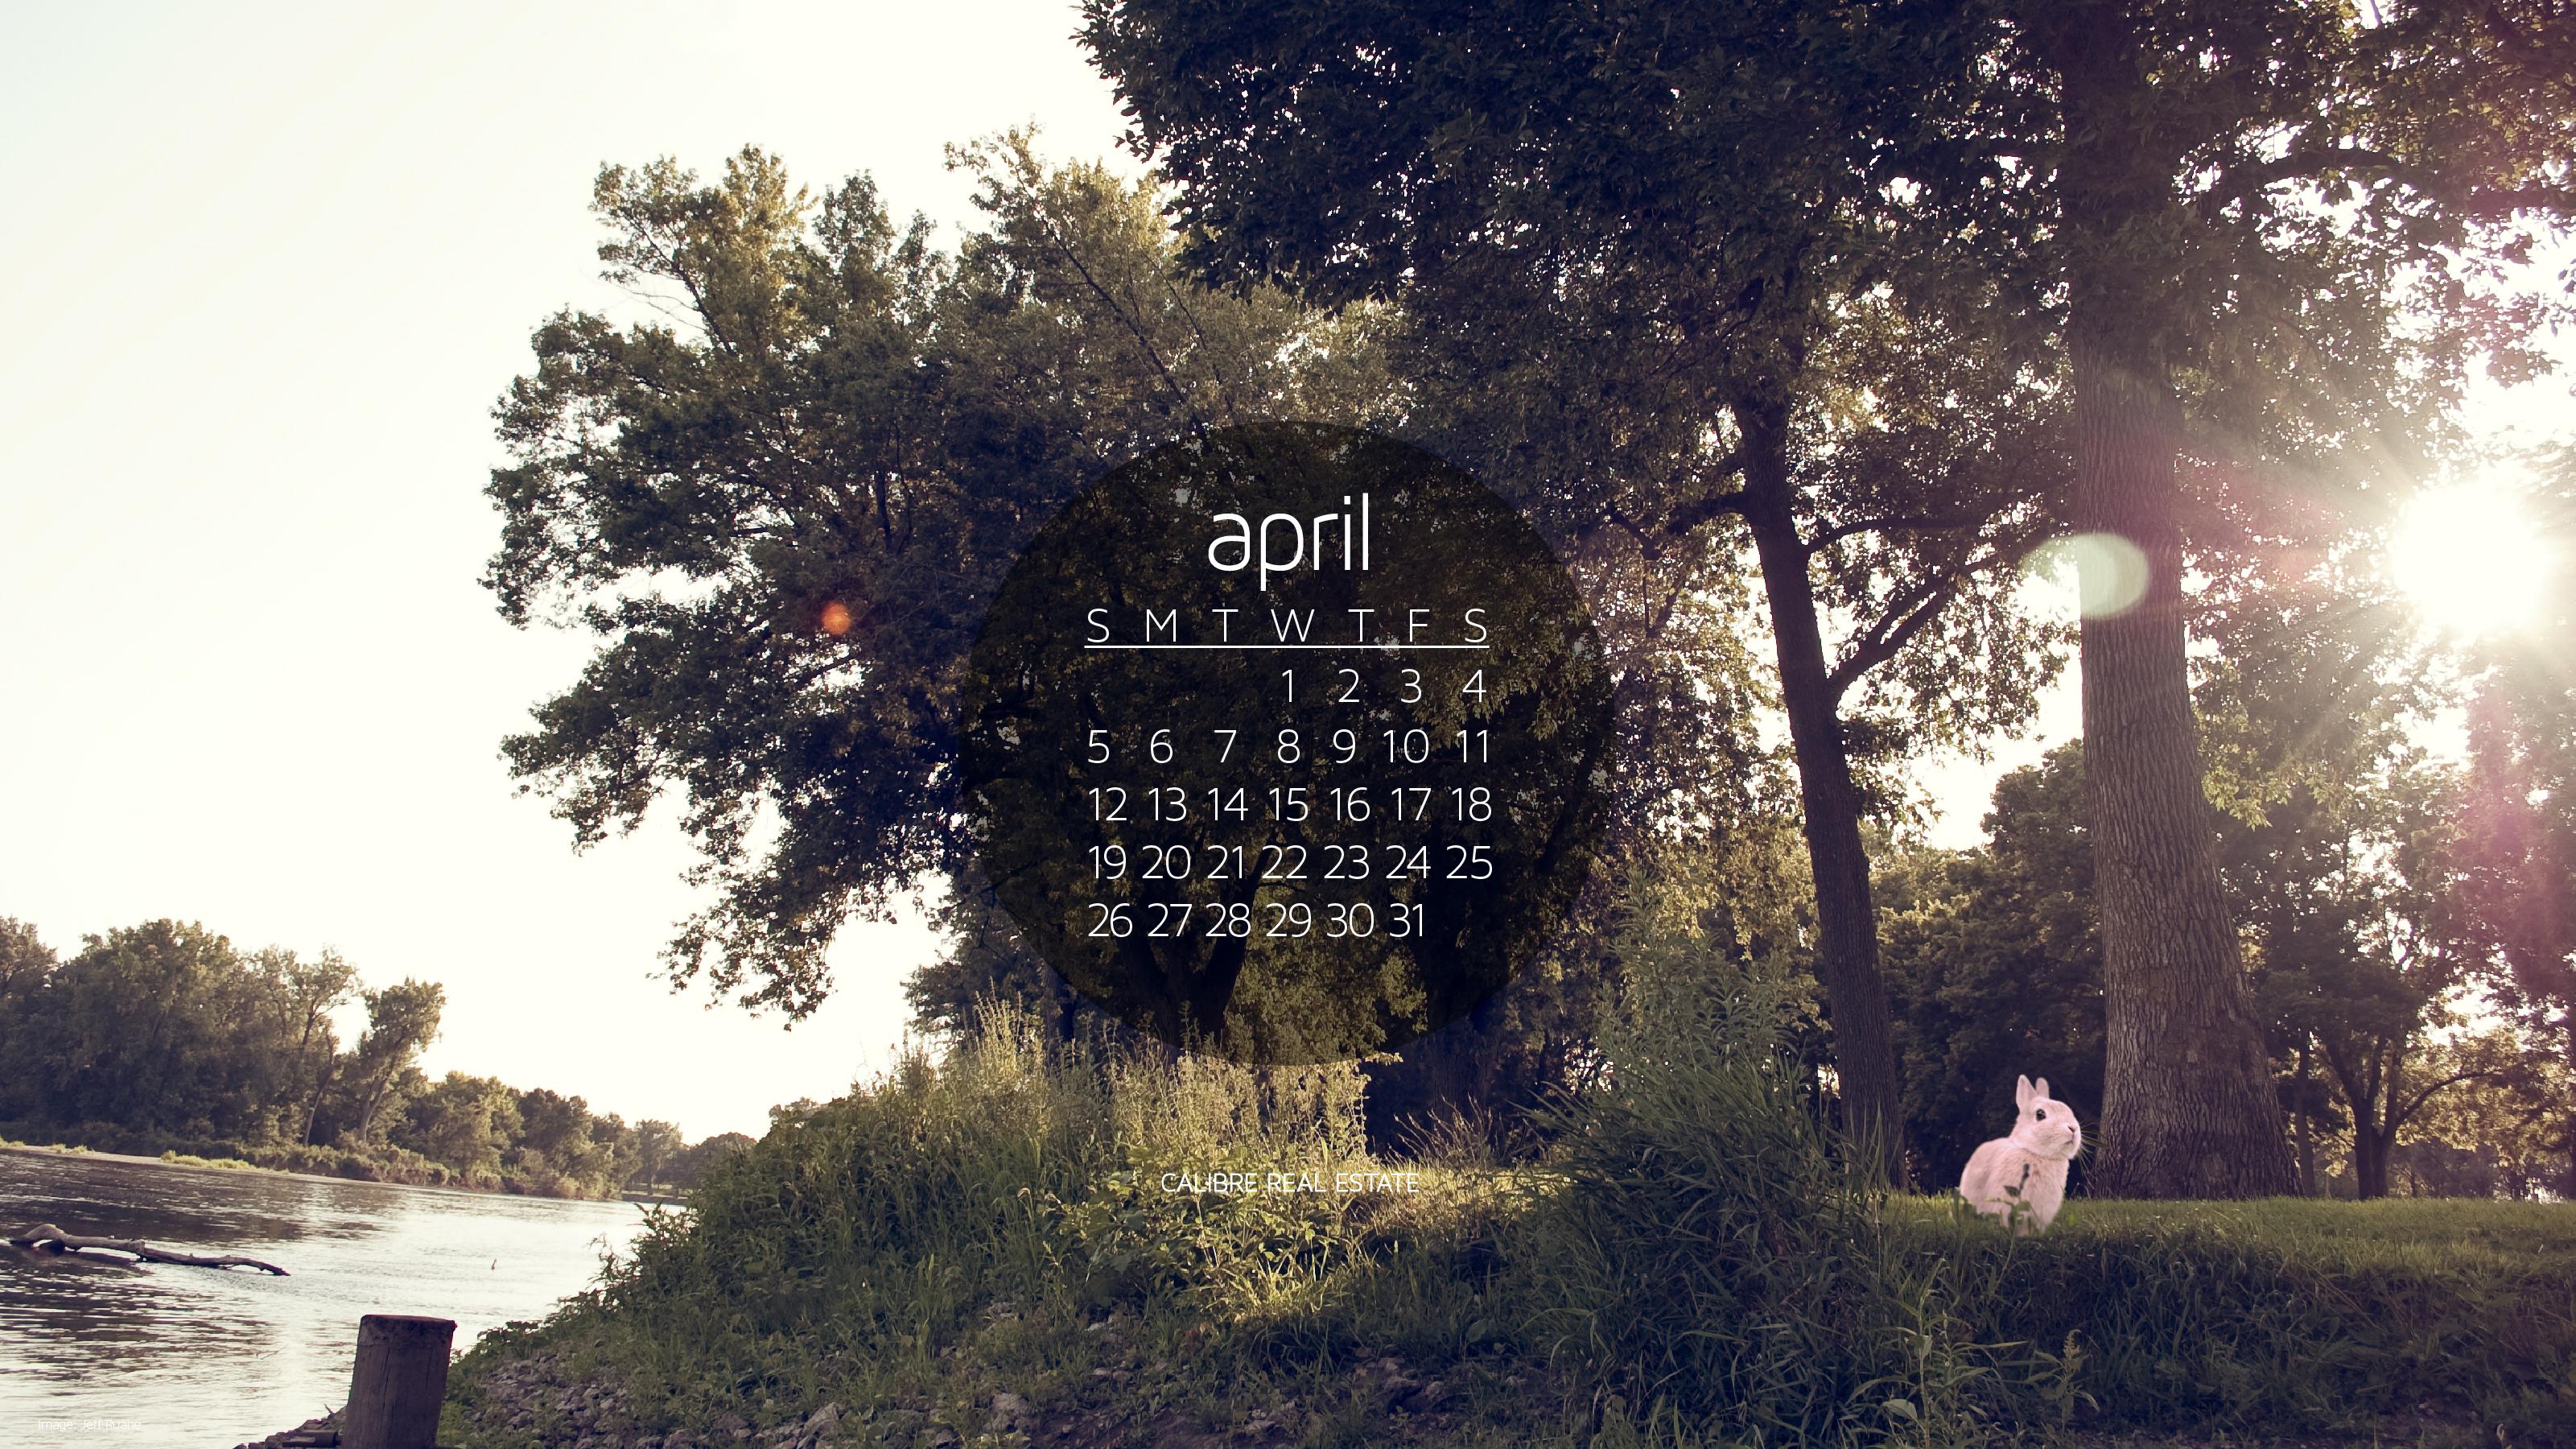 April 2015 Calendar Wallpaper Calibre 3201x1800